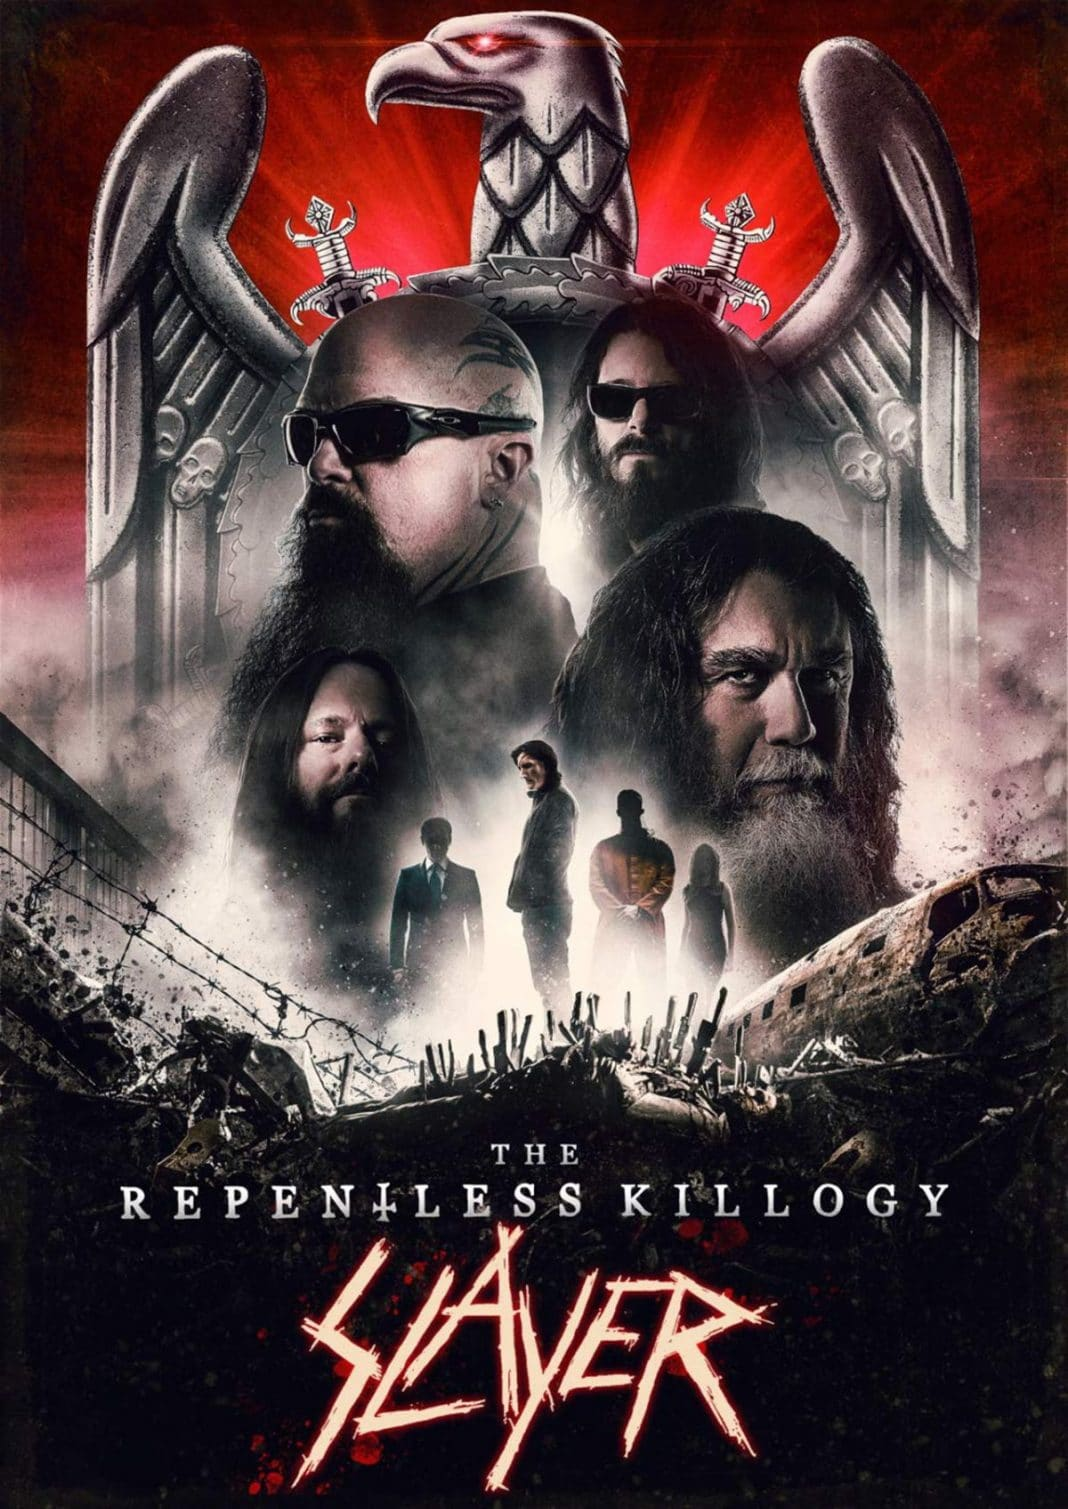 """SLAYER estrenará """"The Repentless Killogy"""" en cines de todo el mundo el 6 de noviembre"""